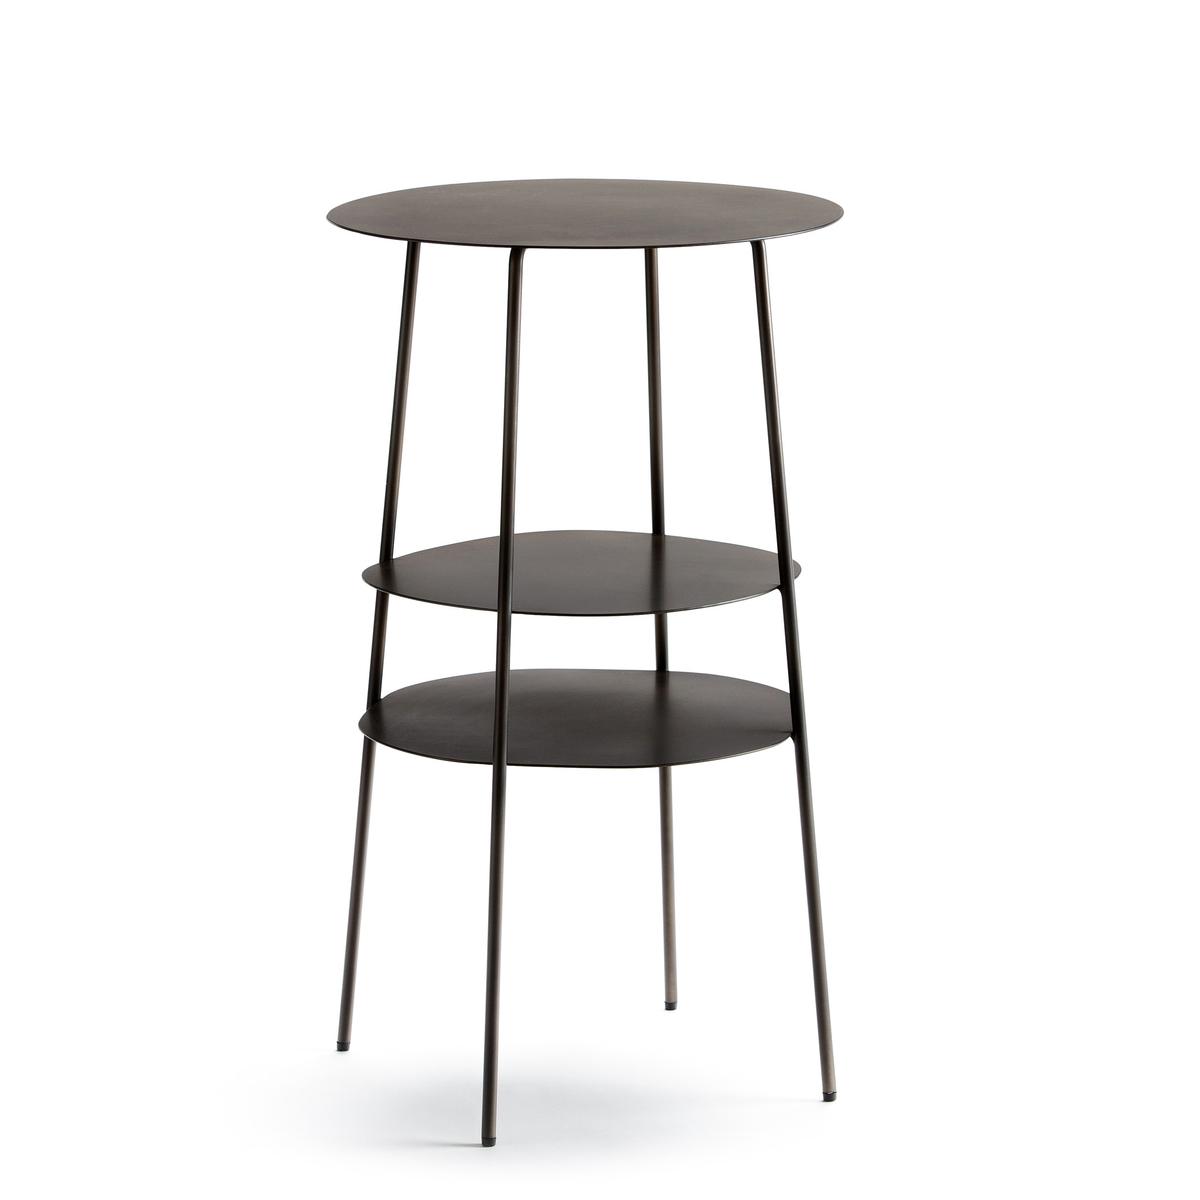 Столик La Redoute Прикроватный из металла цвета серый металлик Fractale единый размер серый